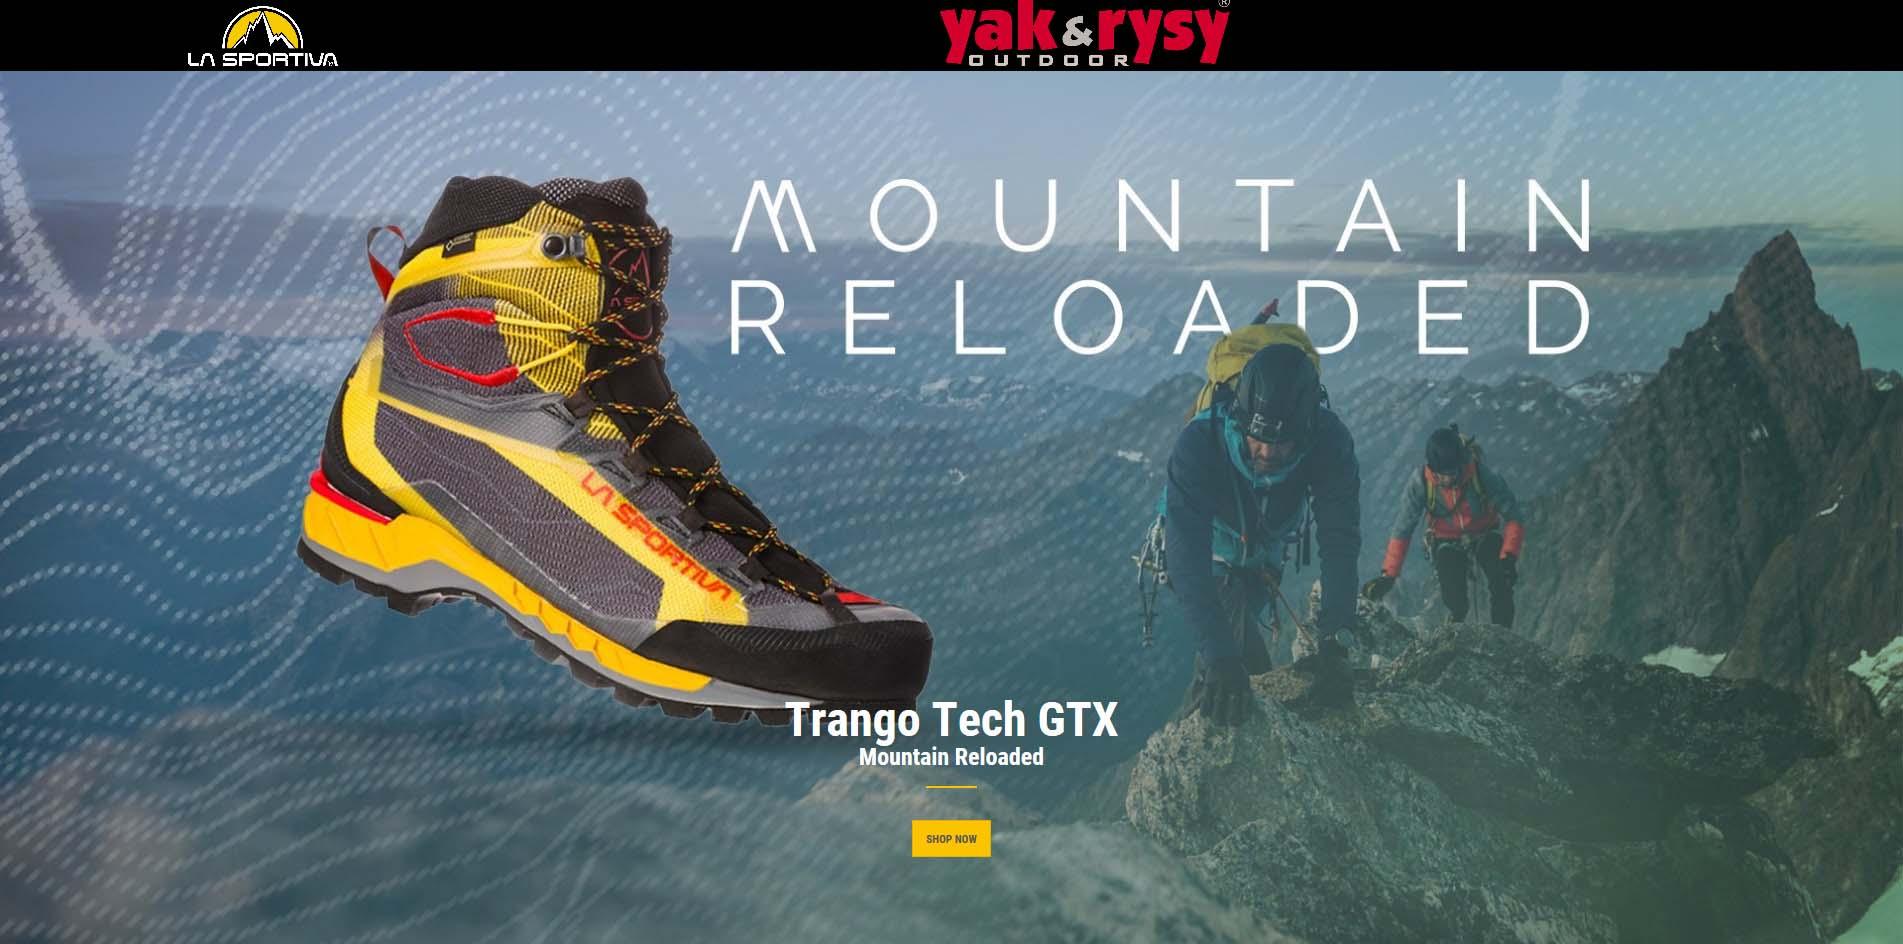 Trango Tech GTX 01